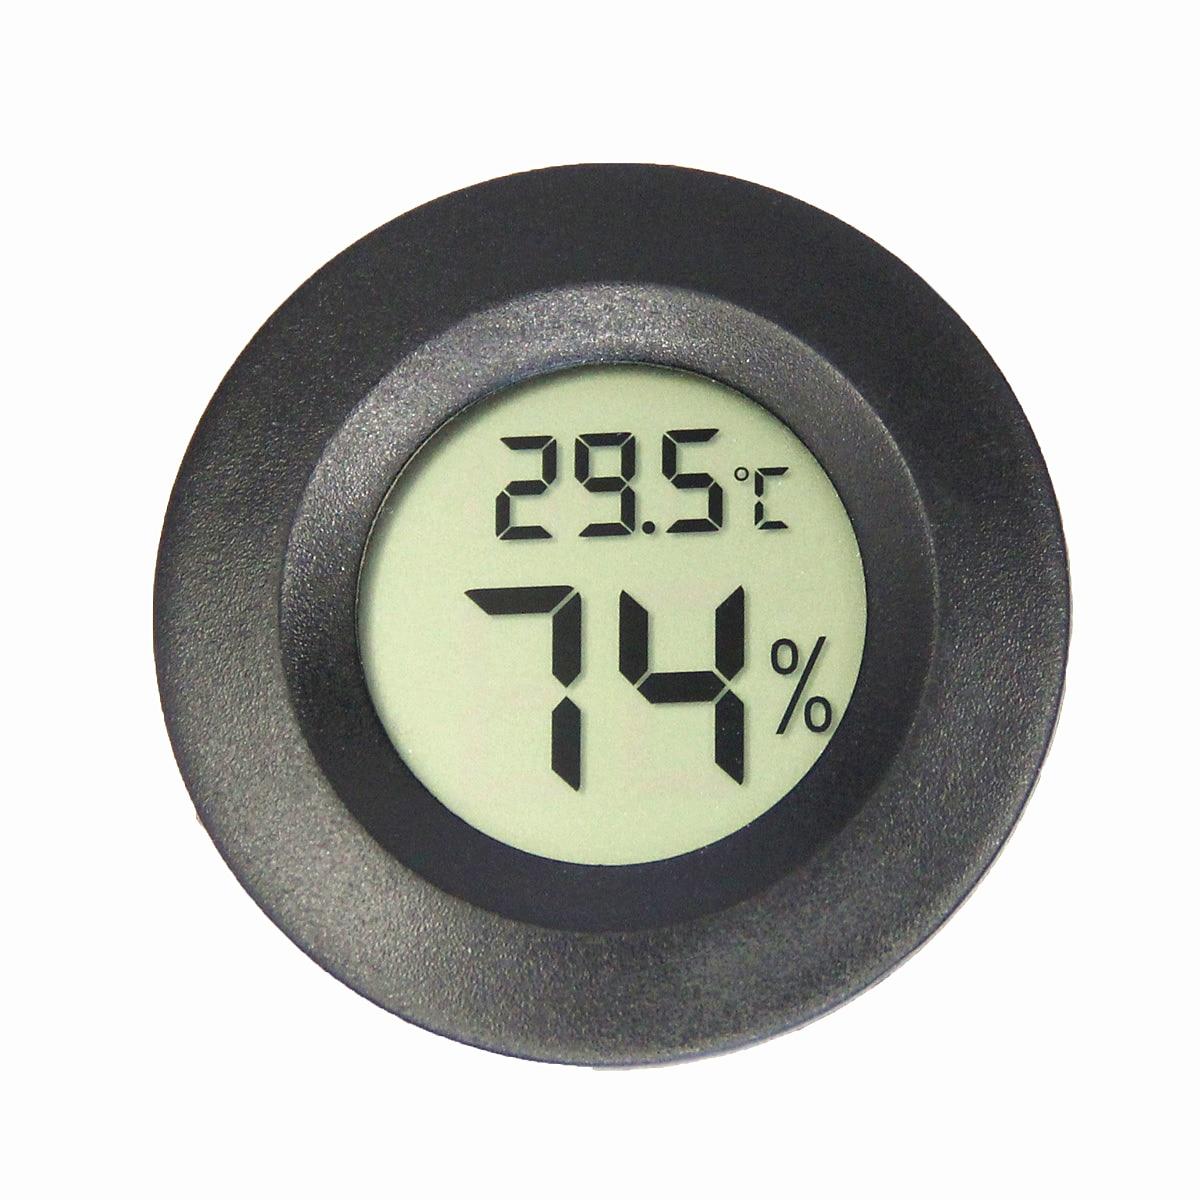 دماسنج دیجیتال مینی LCD دماسنج سنج سنج یخچال و فریزر یخچال و فریزر دماسنج انکوباتور سنسور تخم مرغ جوجه ریزی